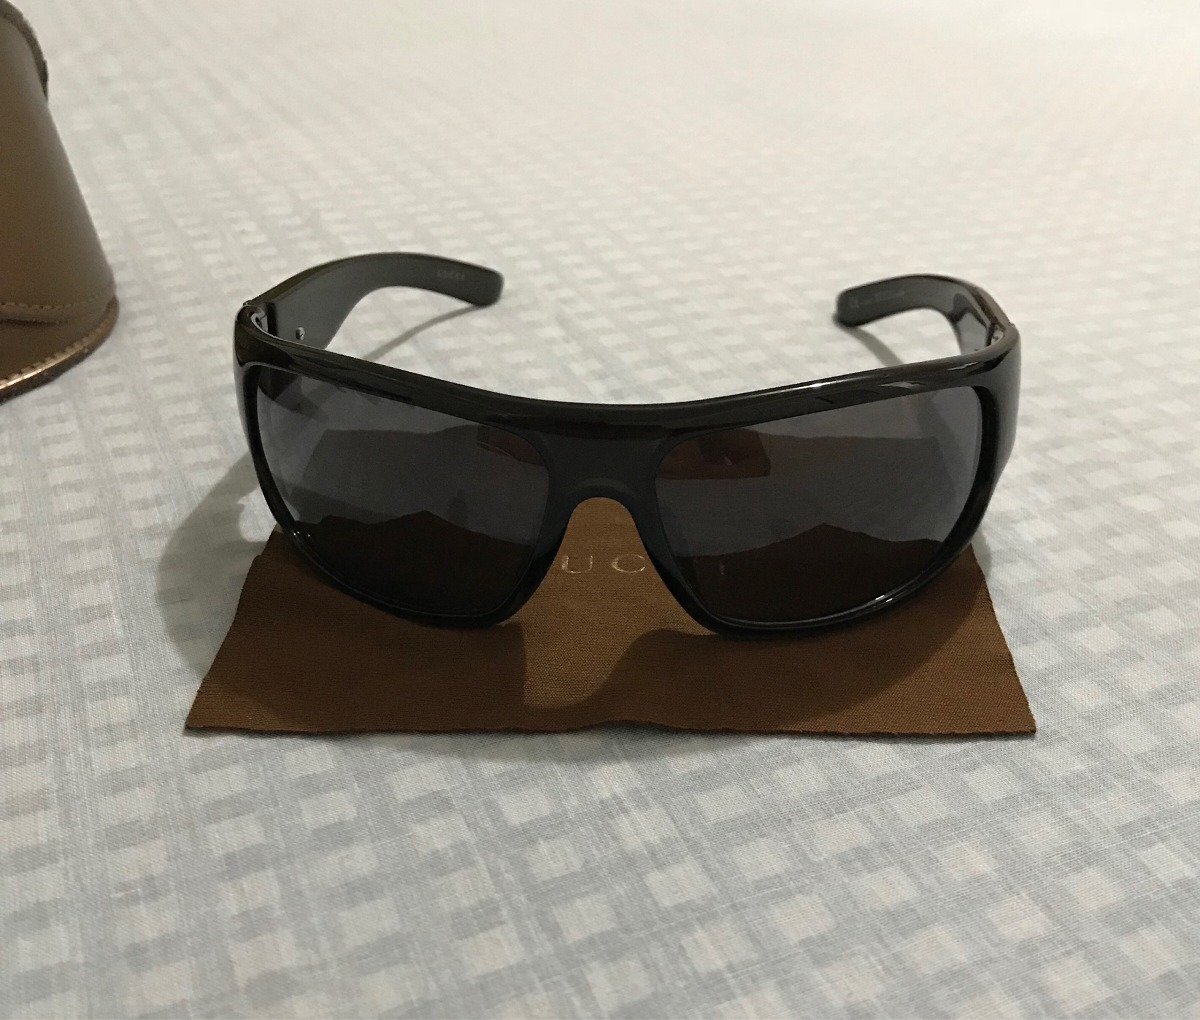 41b076df63 Gafas O Lentes Gucci De Caballero Originales - $ 200.000 en Mercado ...